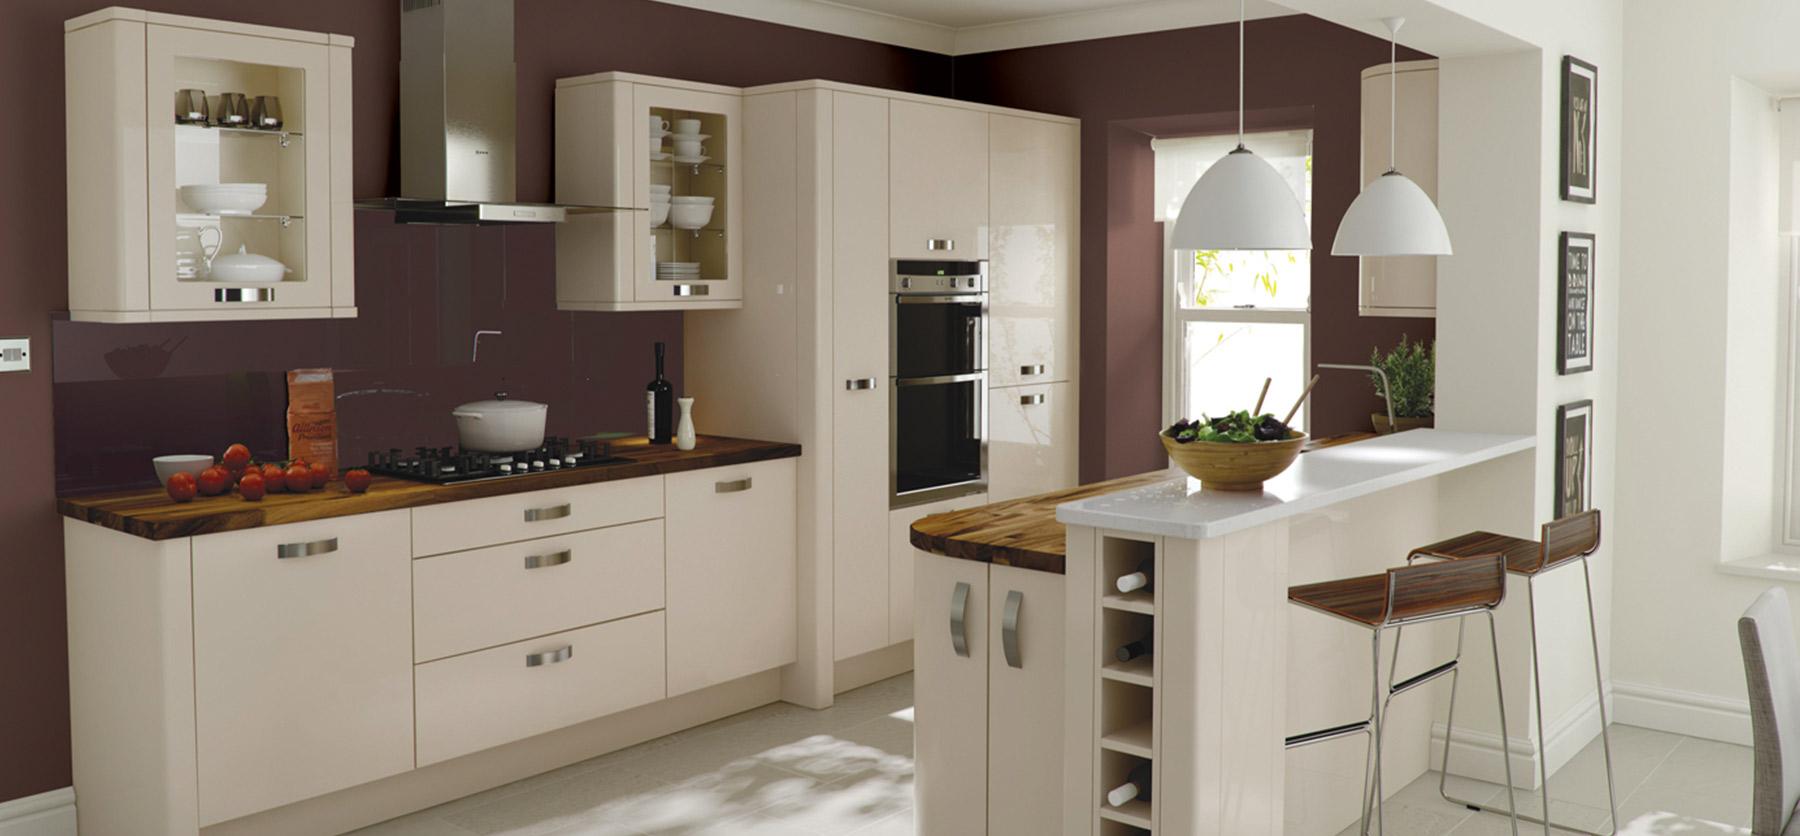 Premier Kitchen U0026 Bathrooms ...